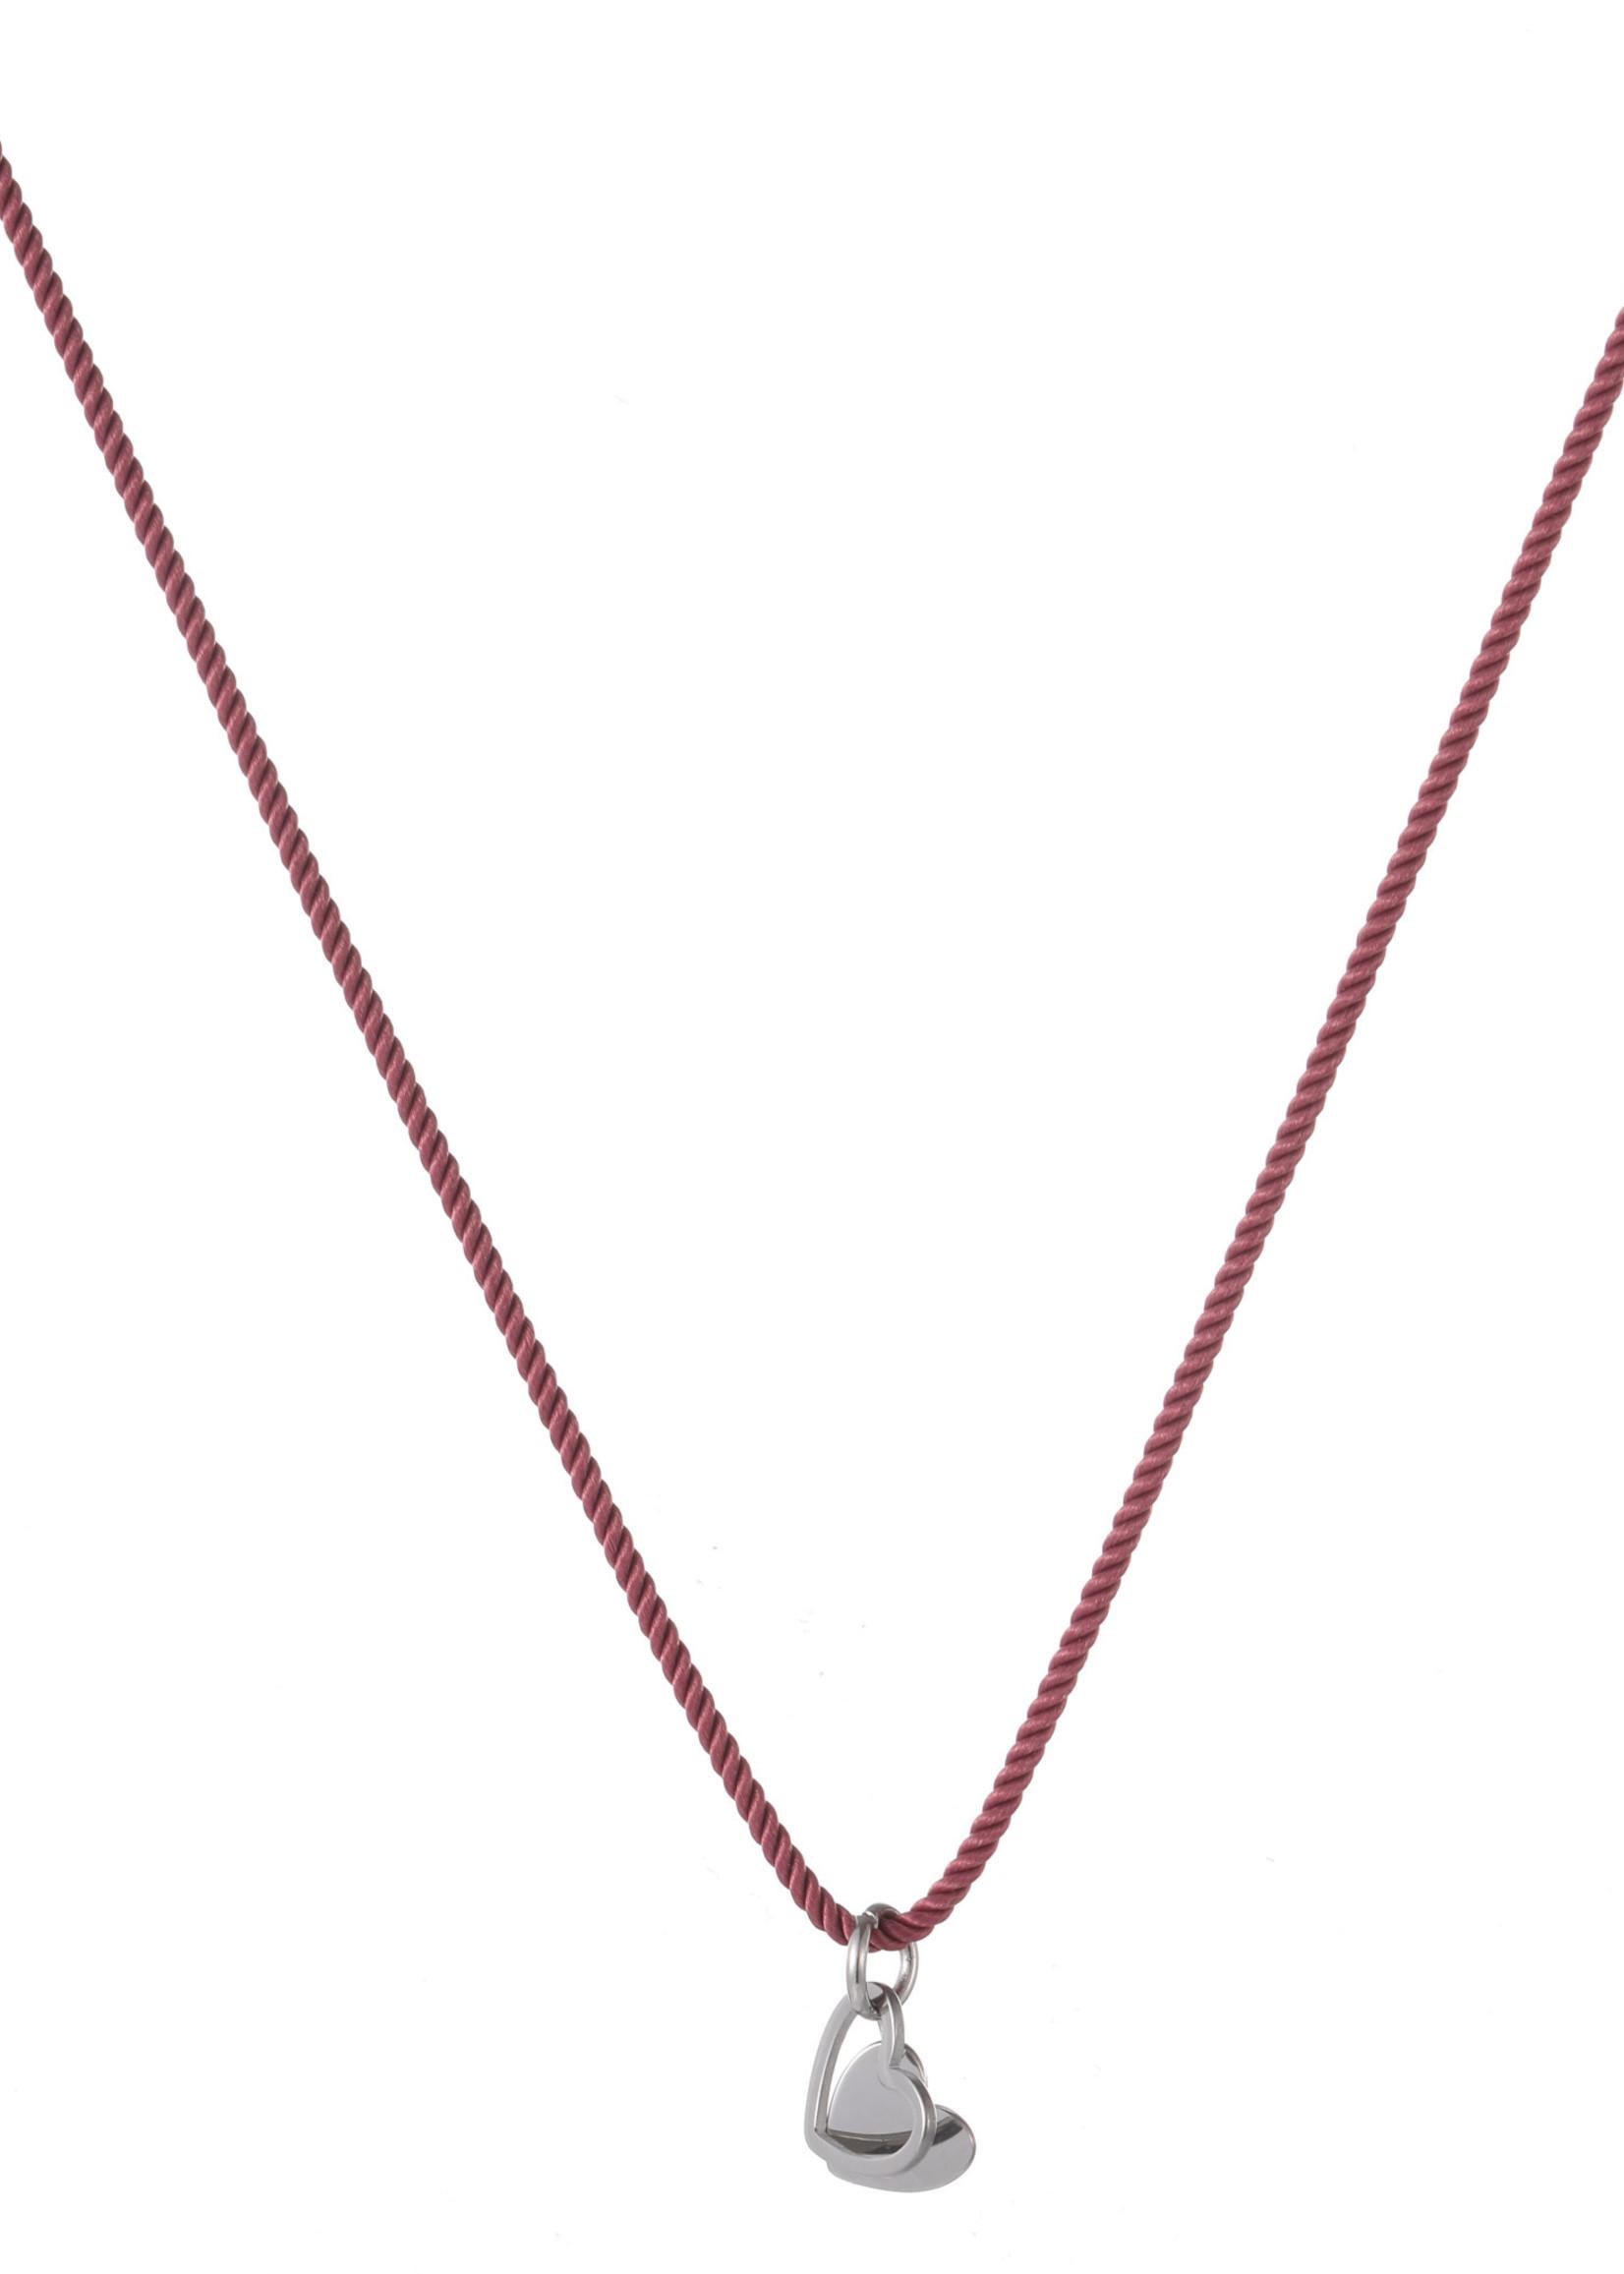 Ketting rood met zilveren hanger hartje N1824-1